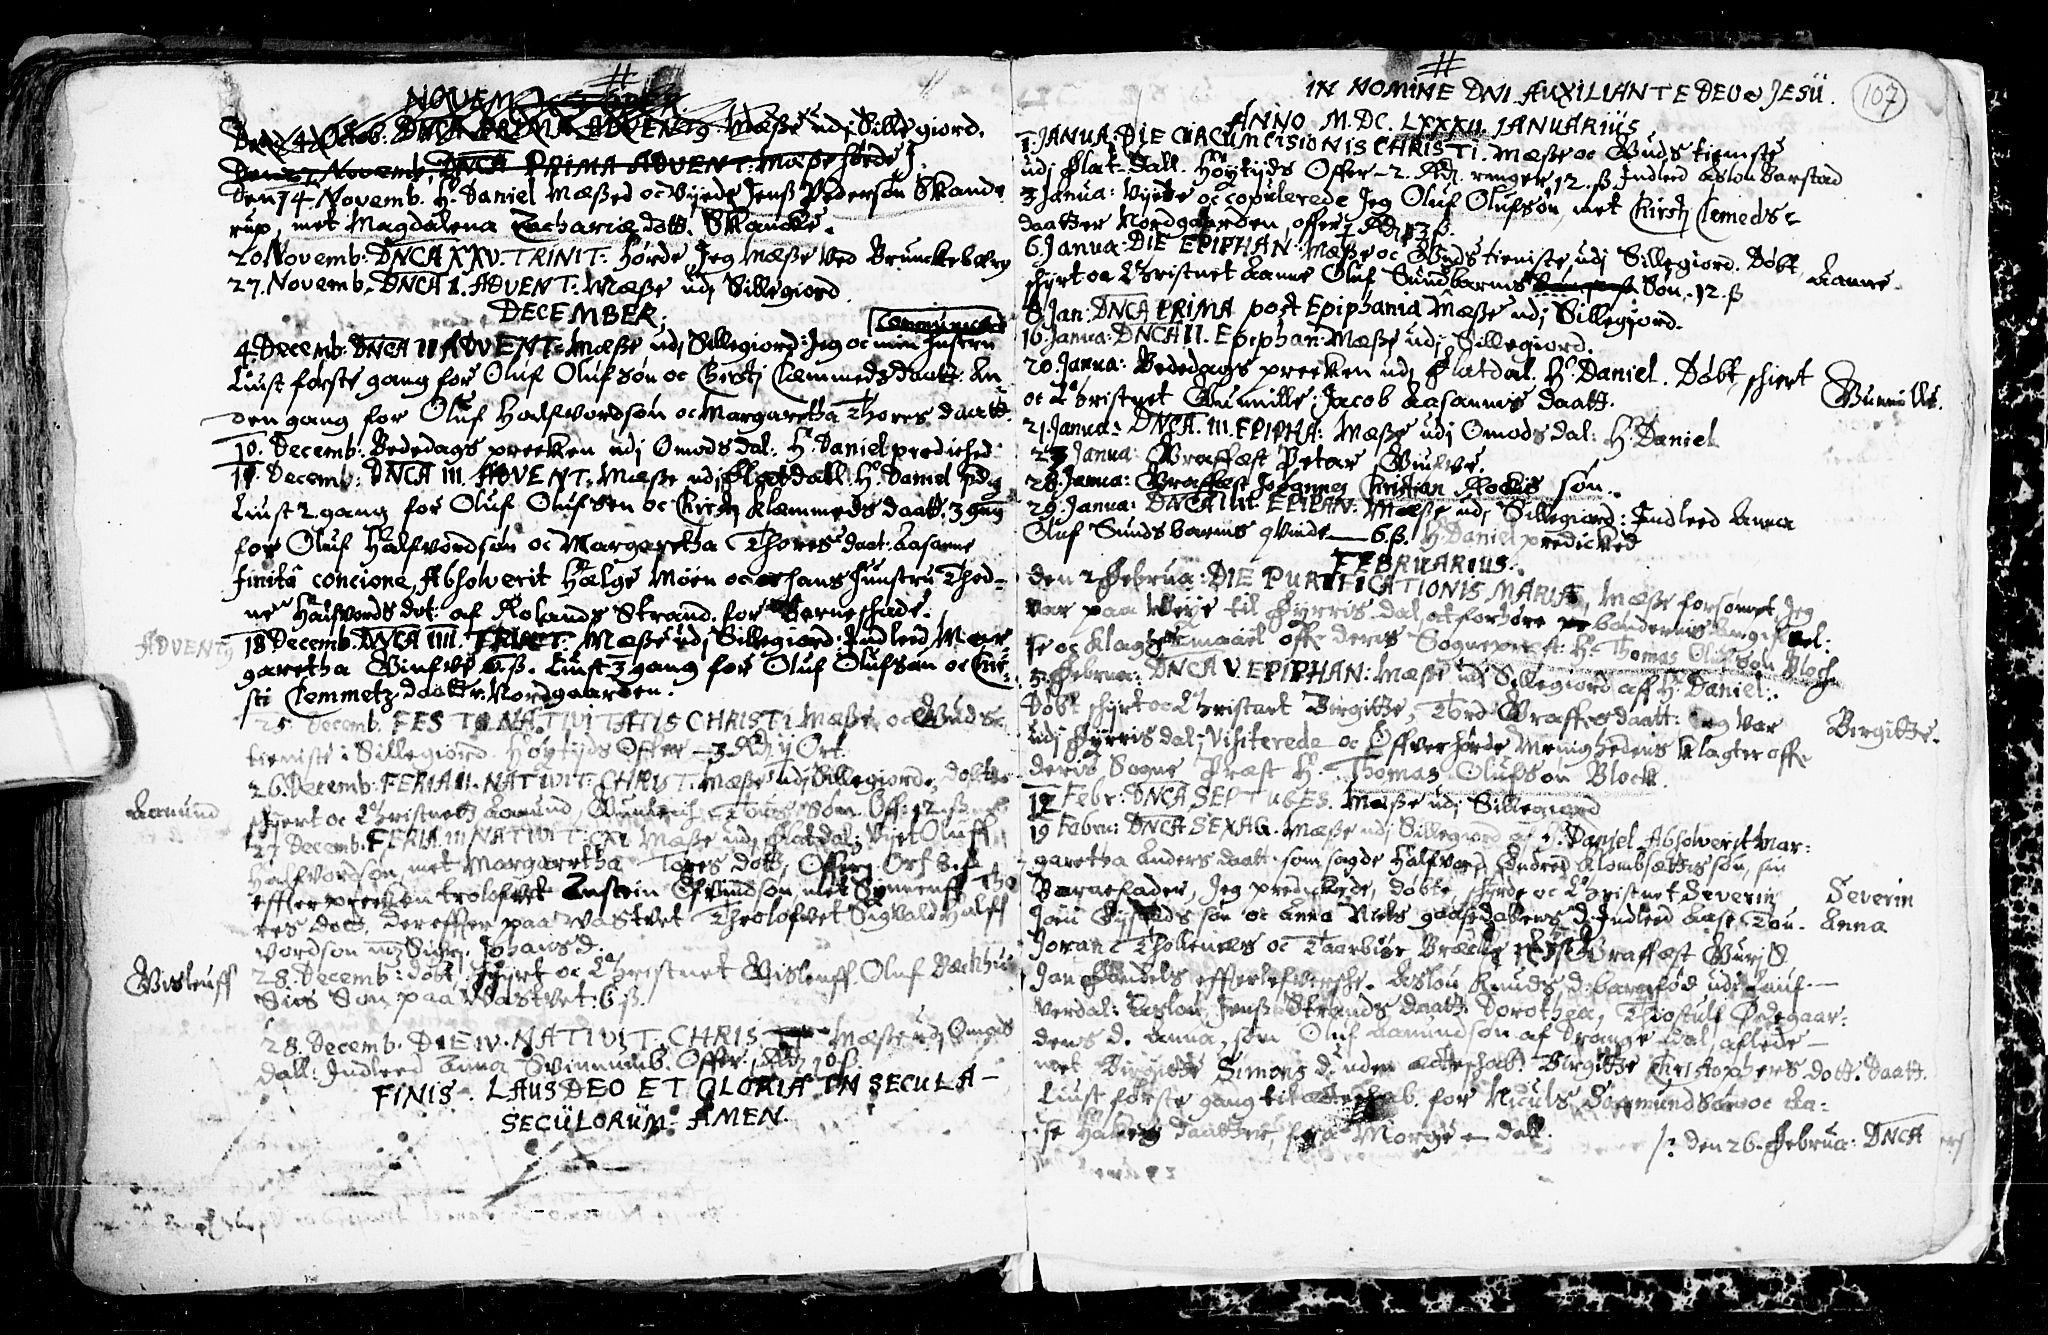 SAKO, Seljord kirkebøker, F/Fa/L0001: Ministerialbok nr. I 1, 1654-1686, s. 107